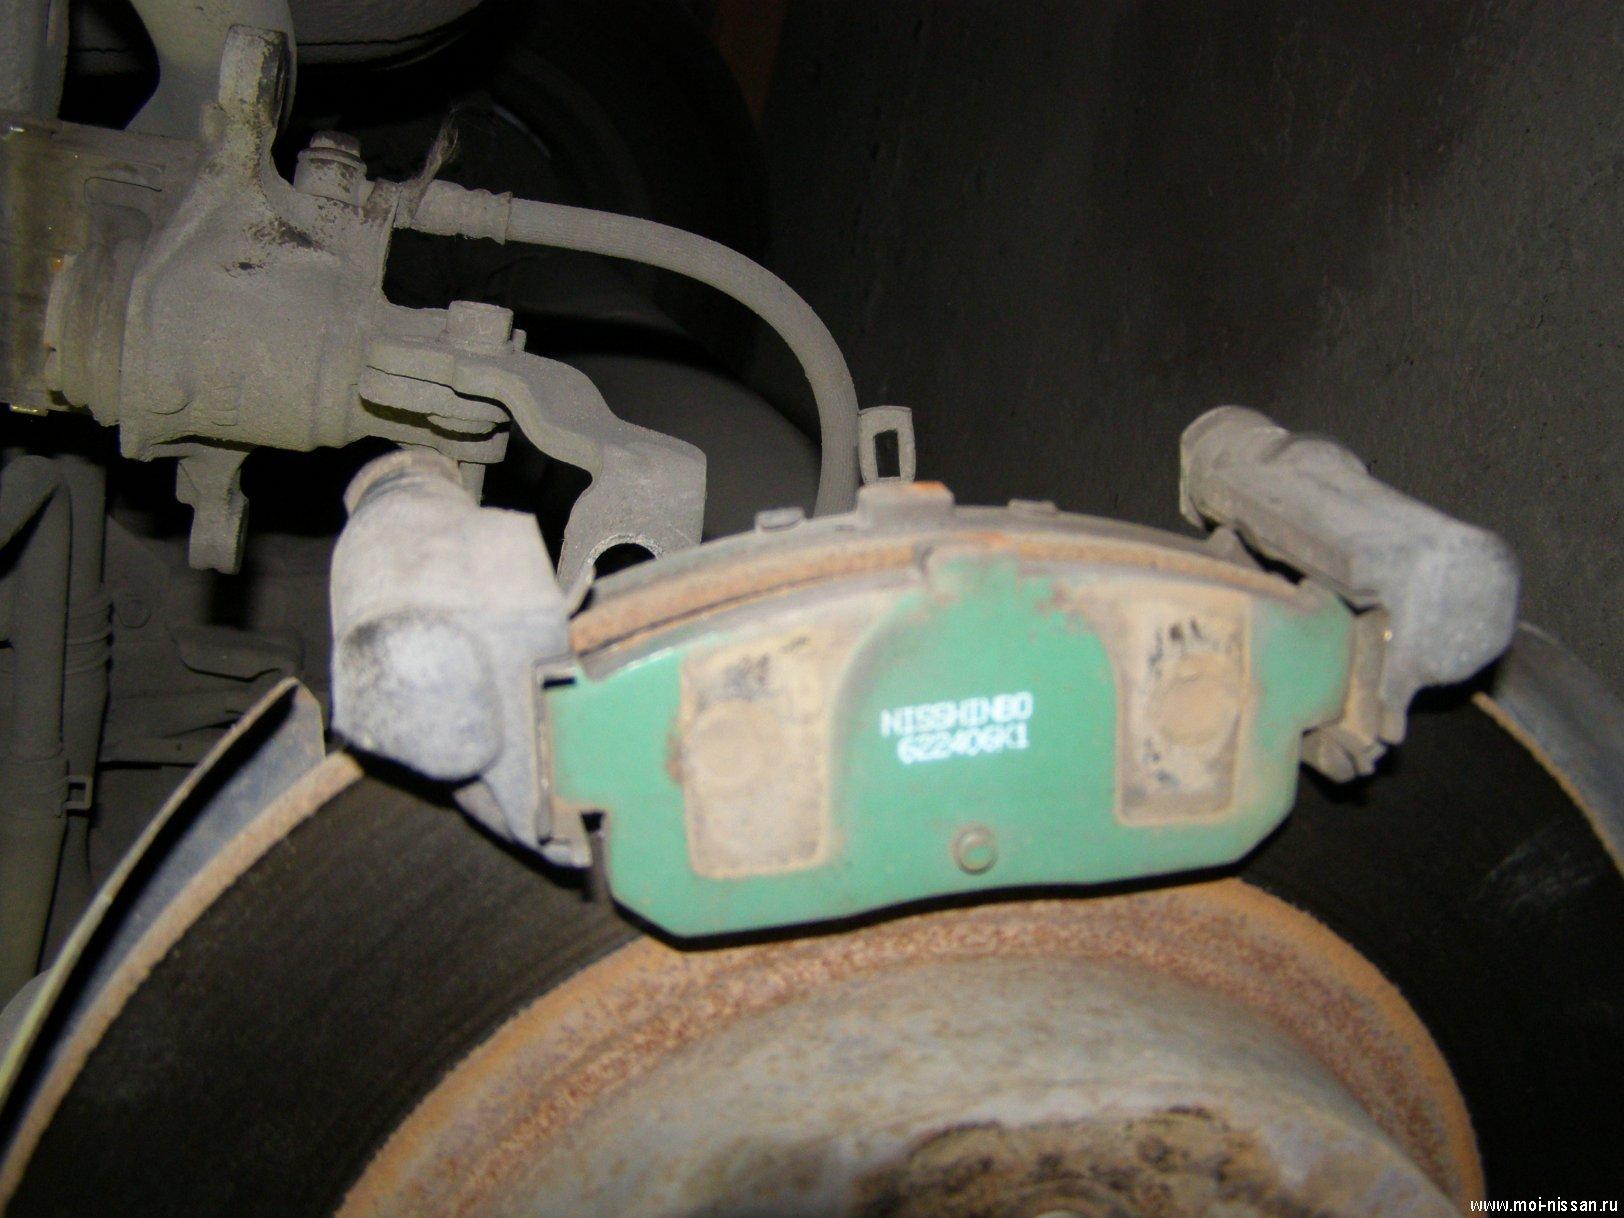 Тормозные диски на форд транзит 2009г в москве 13 фотография